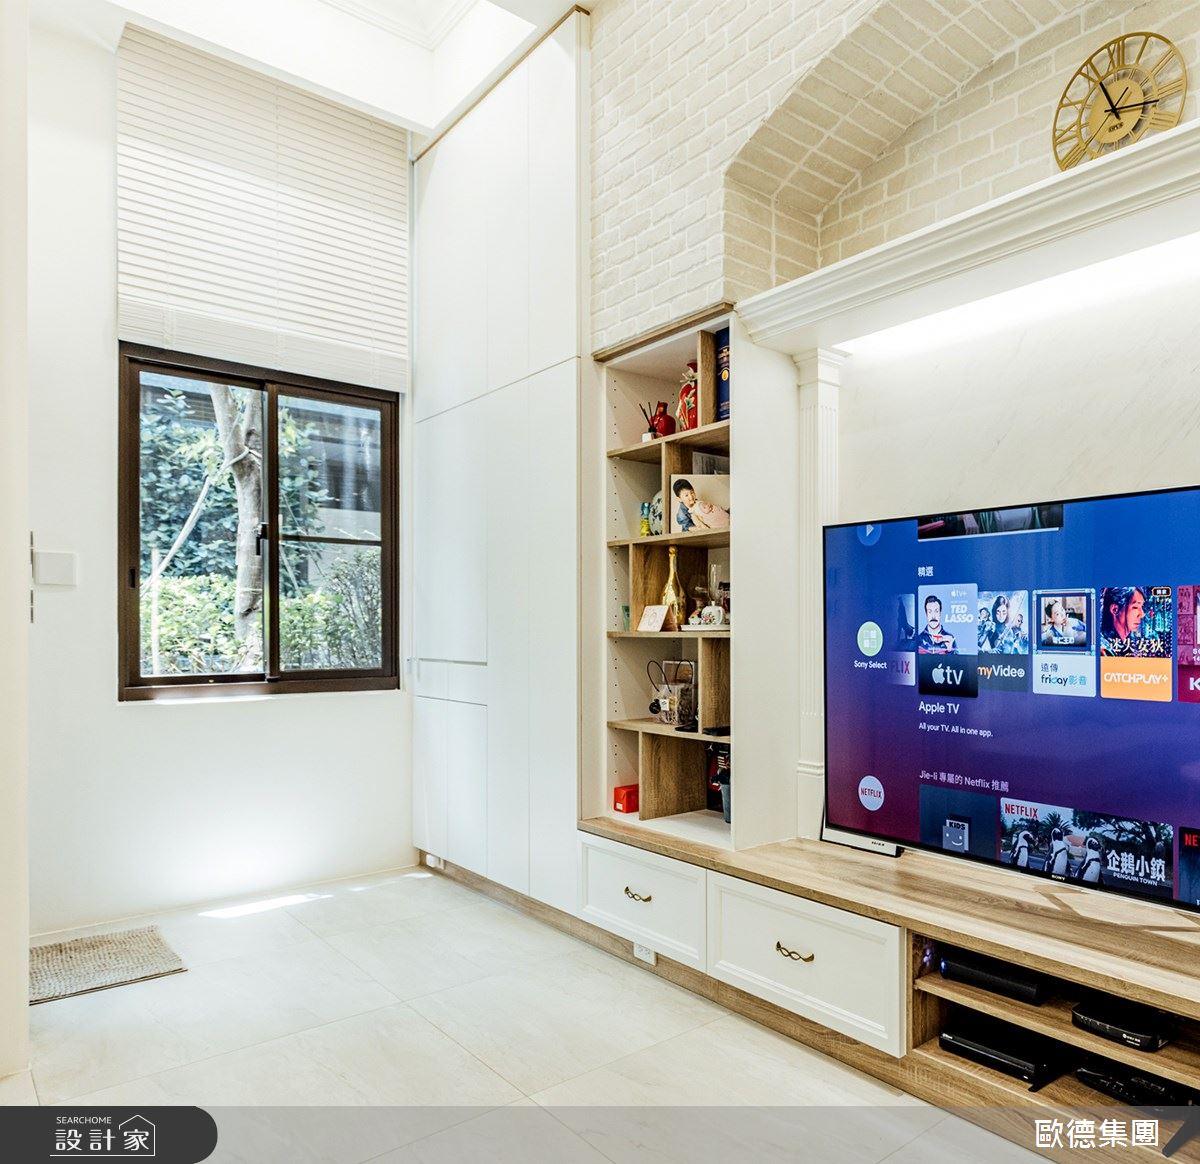 100坪新成屋(5年以下)_美式風案例圖片_台灣歐德傢俱股份有限公司_歐德_140之2